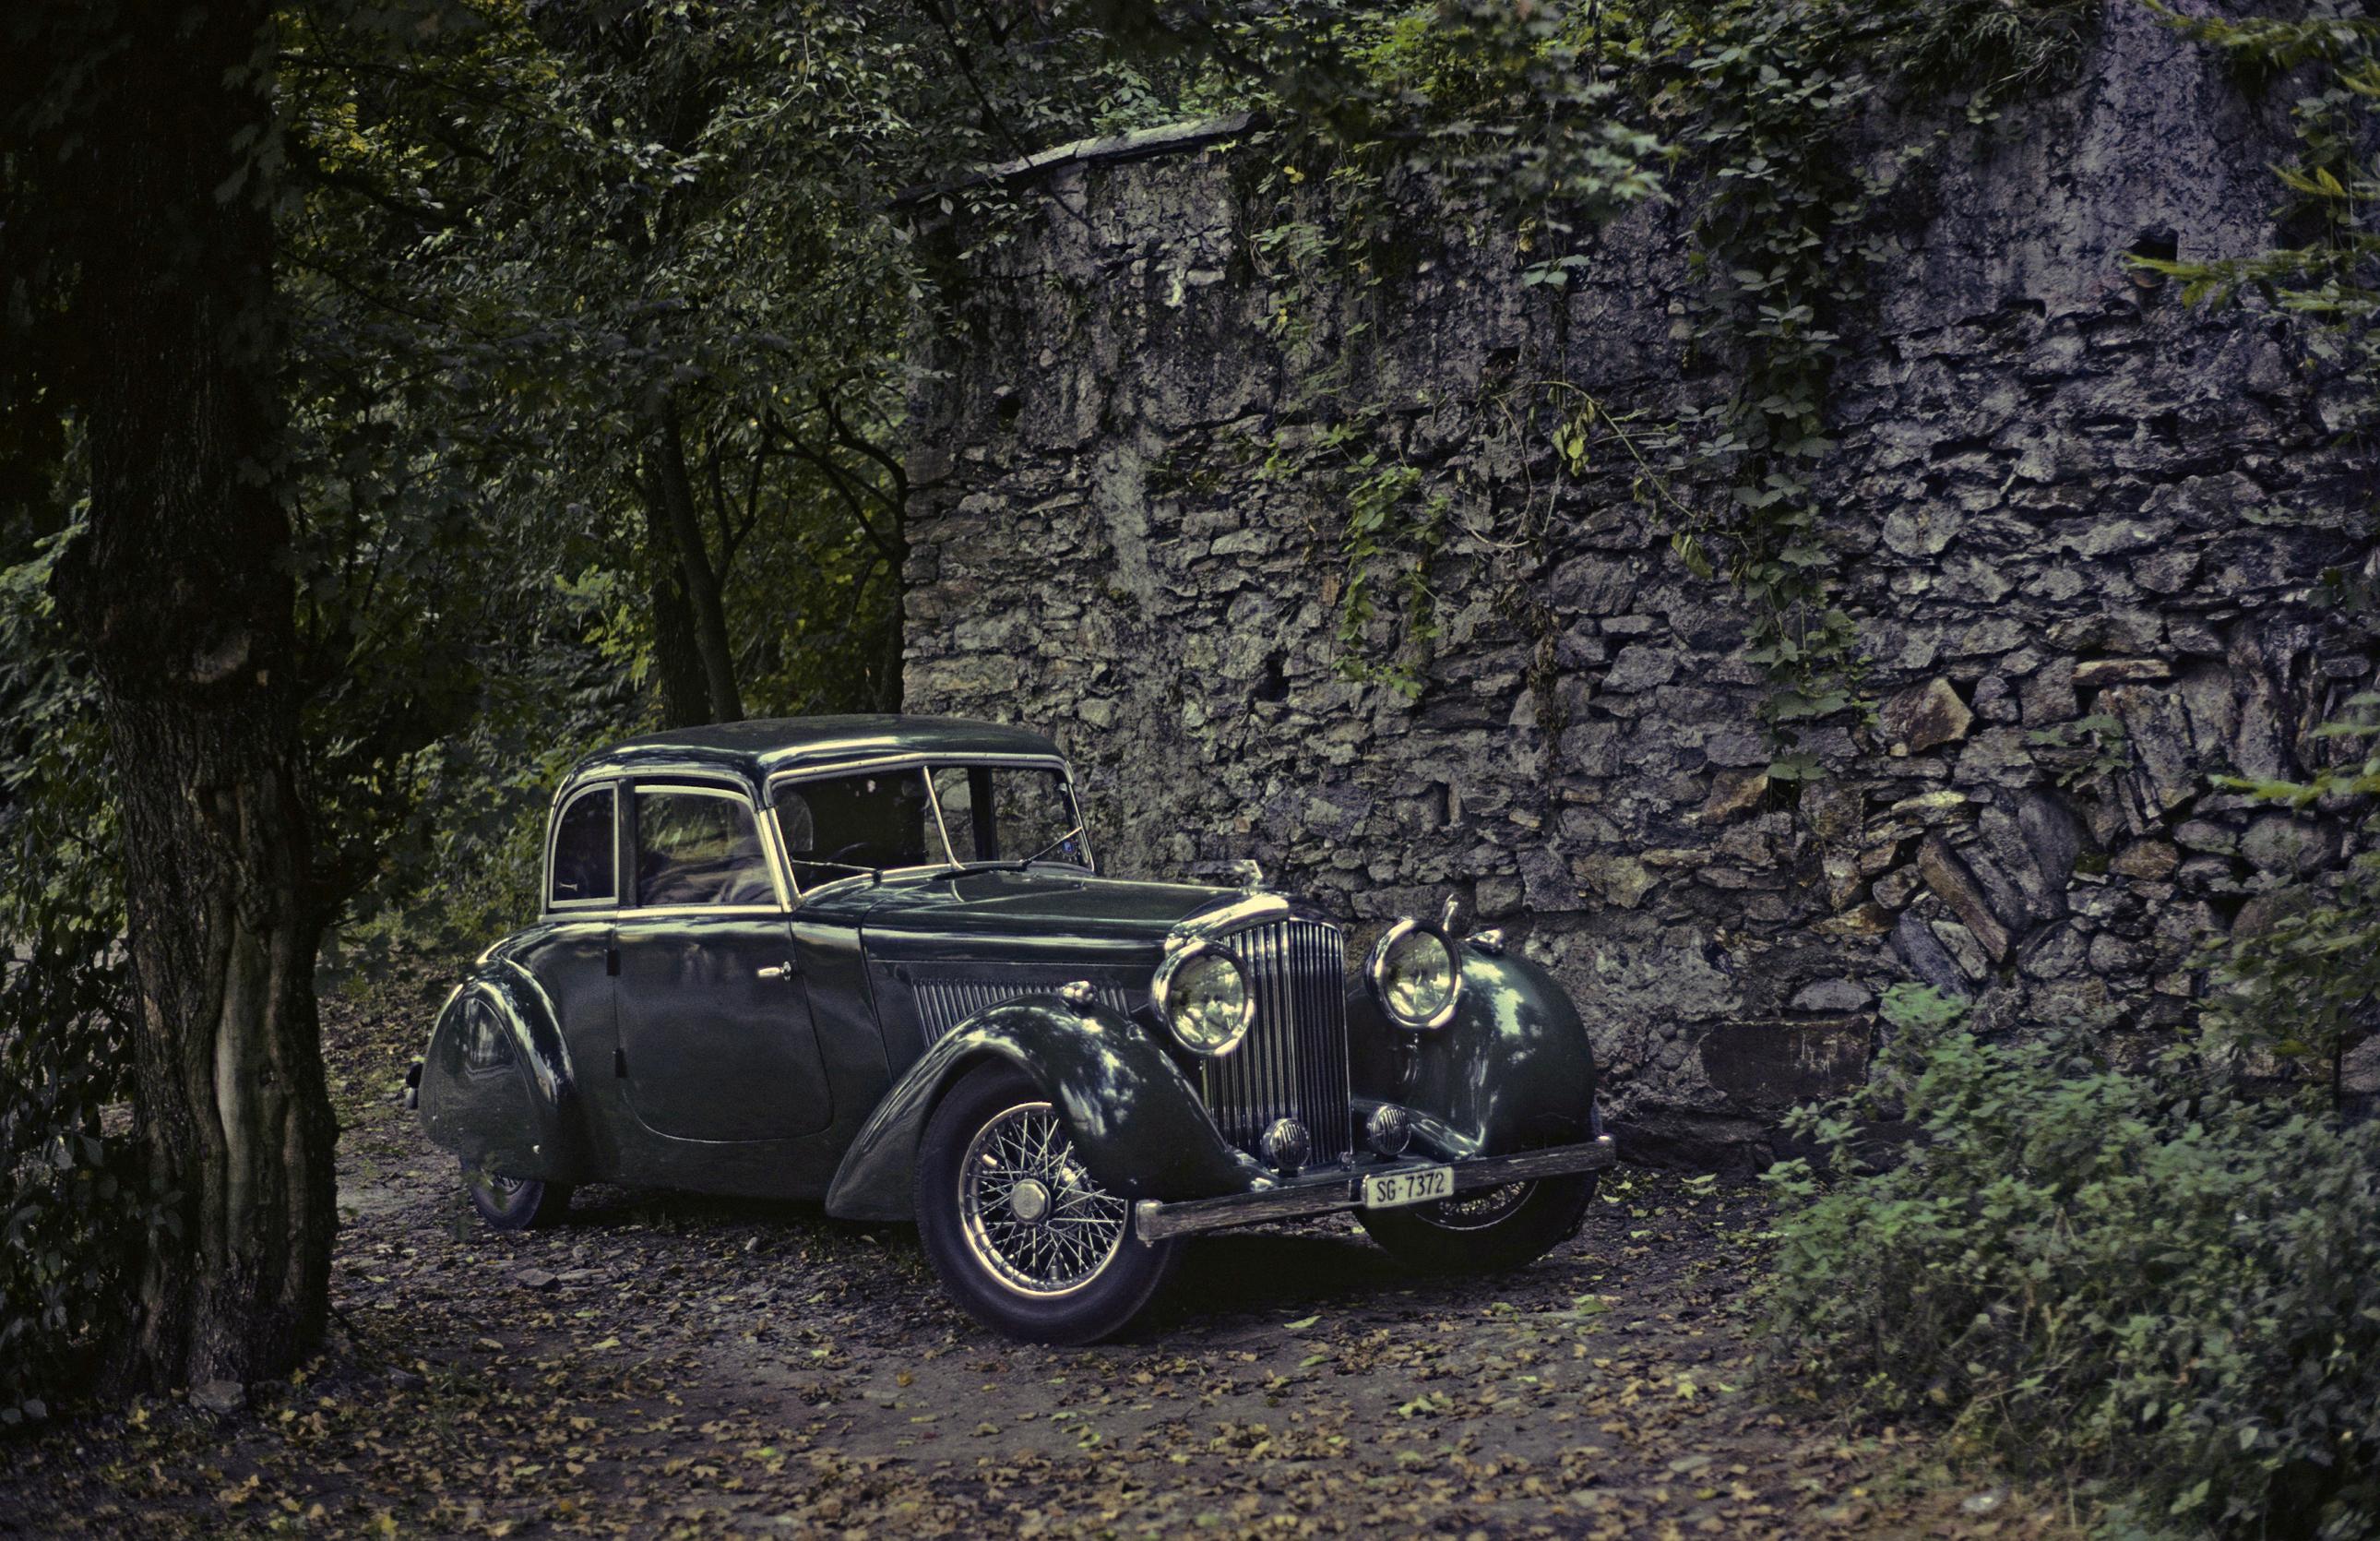 Обои для рабочего стола Bentley 1936 4 ¼ Litre Cabriolet by Köng винтаж Металлик Автомобили 2580x1670 Бентли Ретро старинные авто машины машина автомобиль